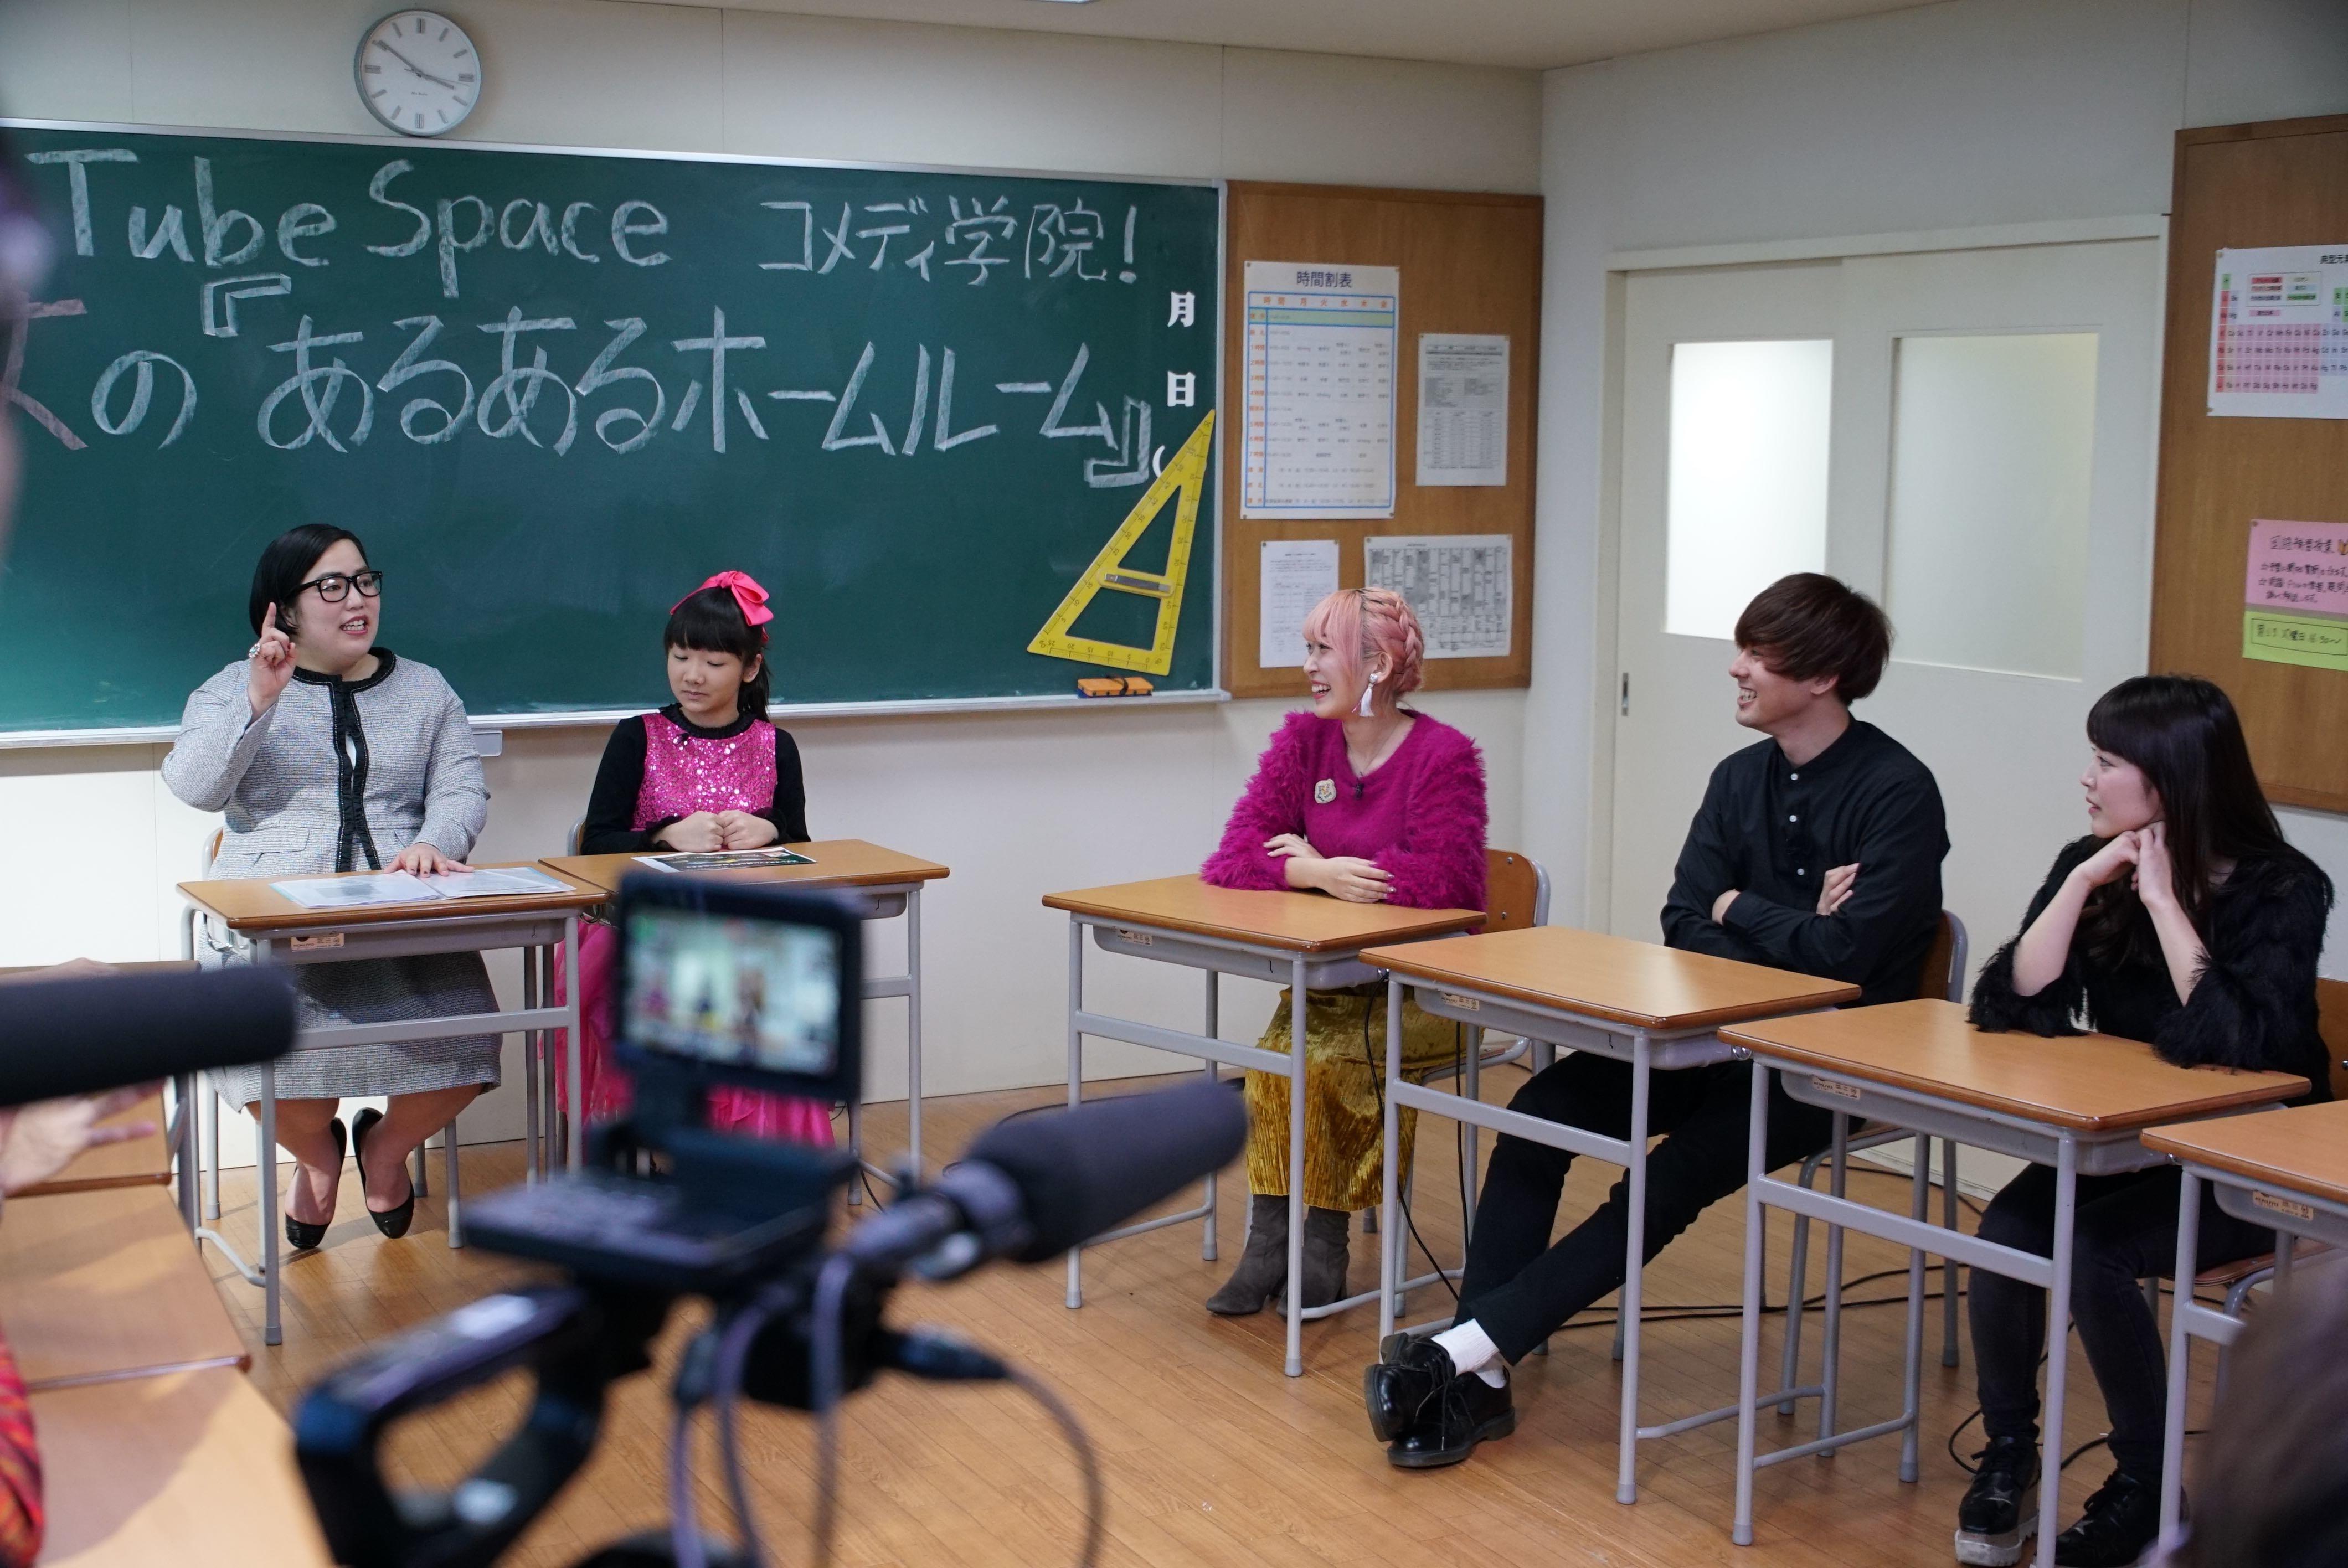 http://news.yoshimoto.co.jp/20180311071342-9641f6b7be714cbc6207c29dc0ddeaaaa527d5cc.jpg